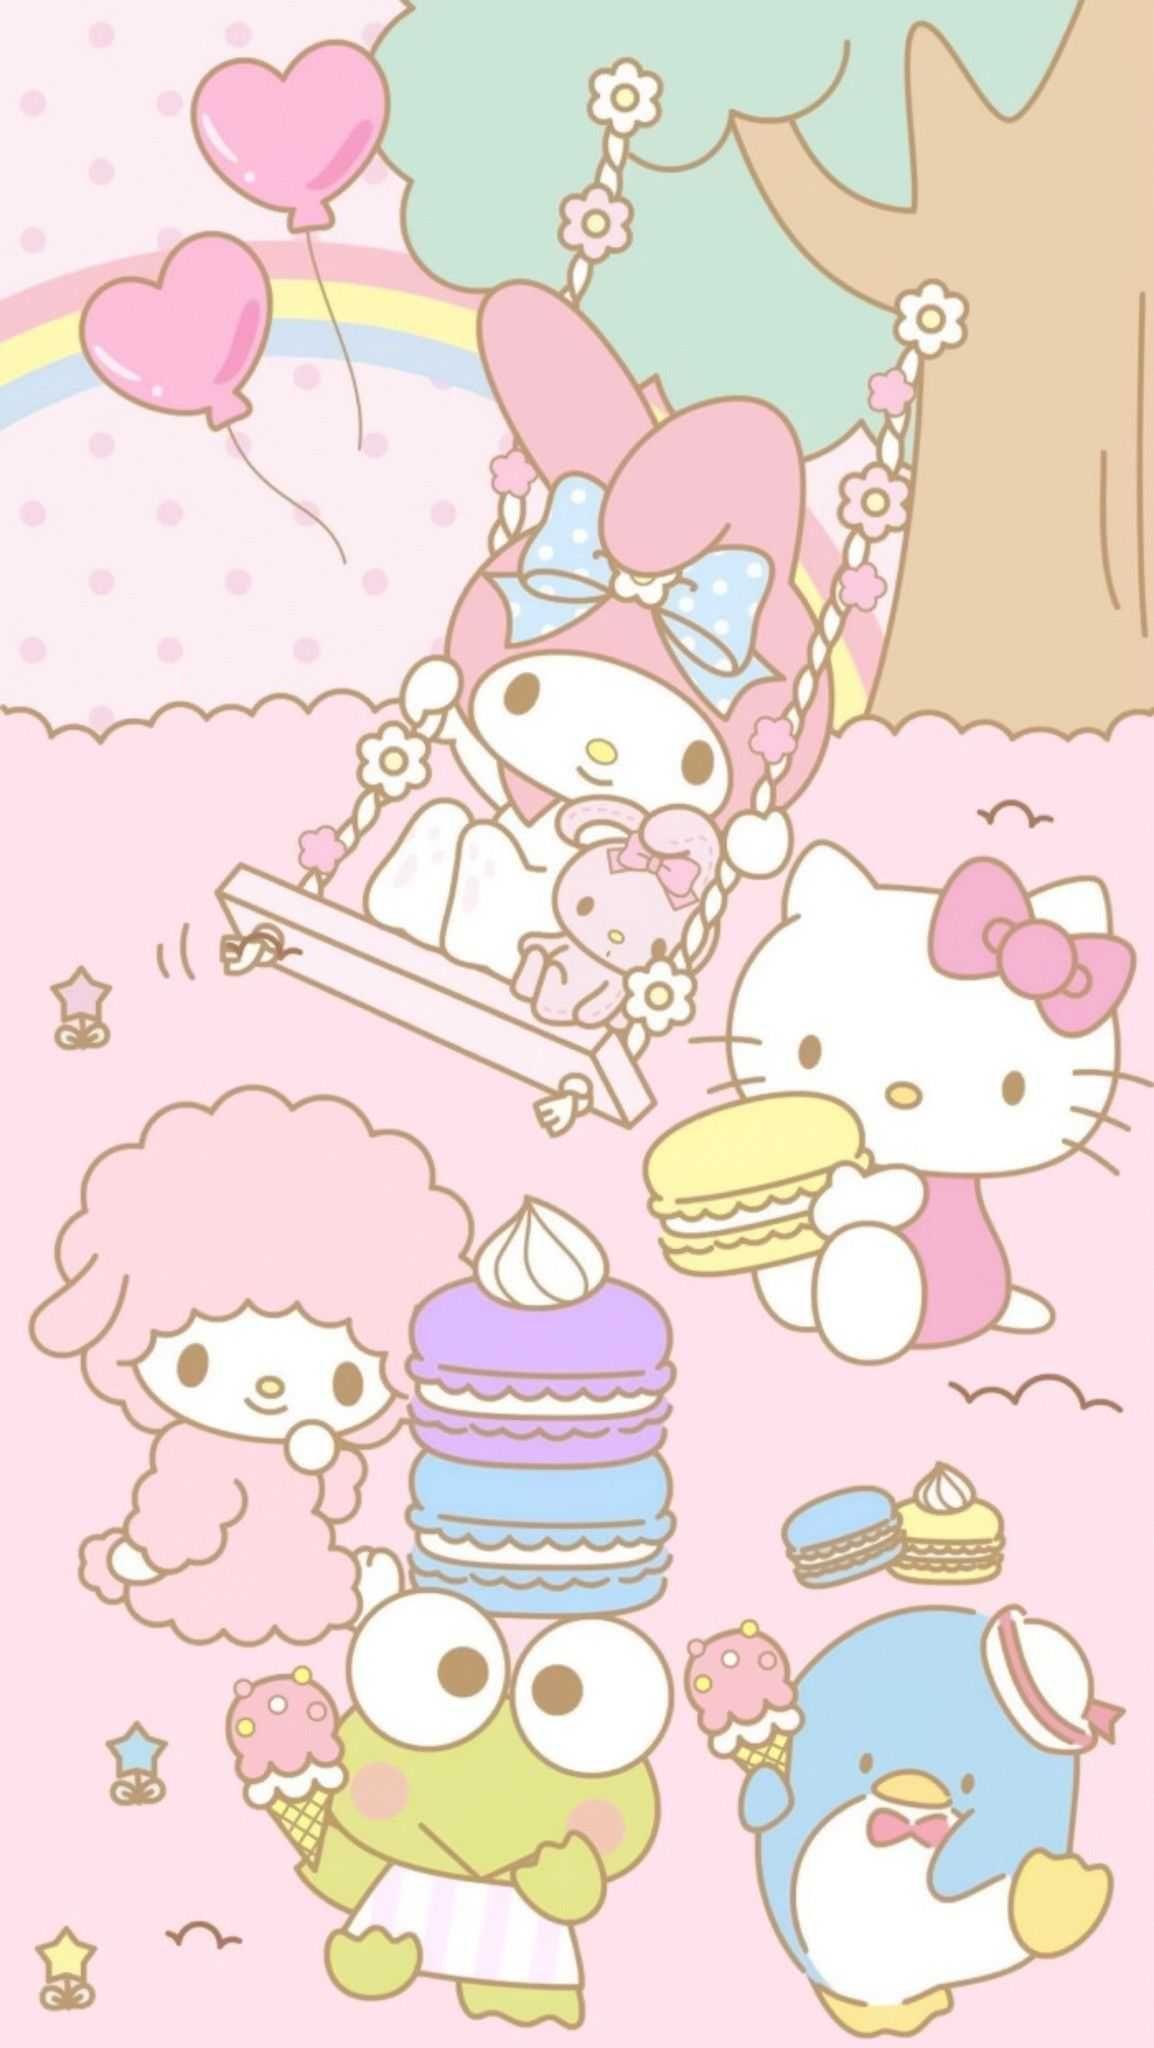 Sanrio Wallpaper - NawPic